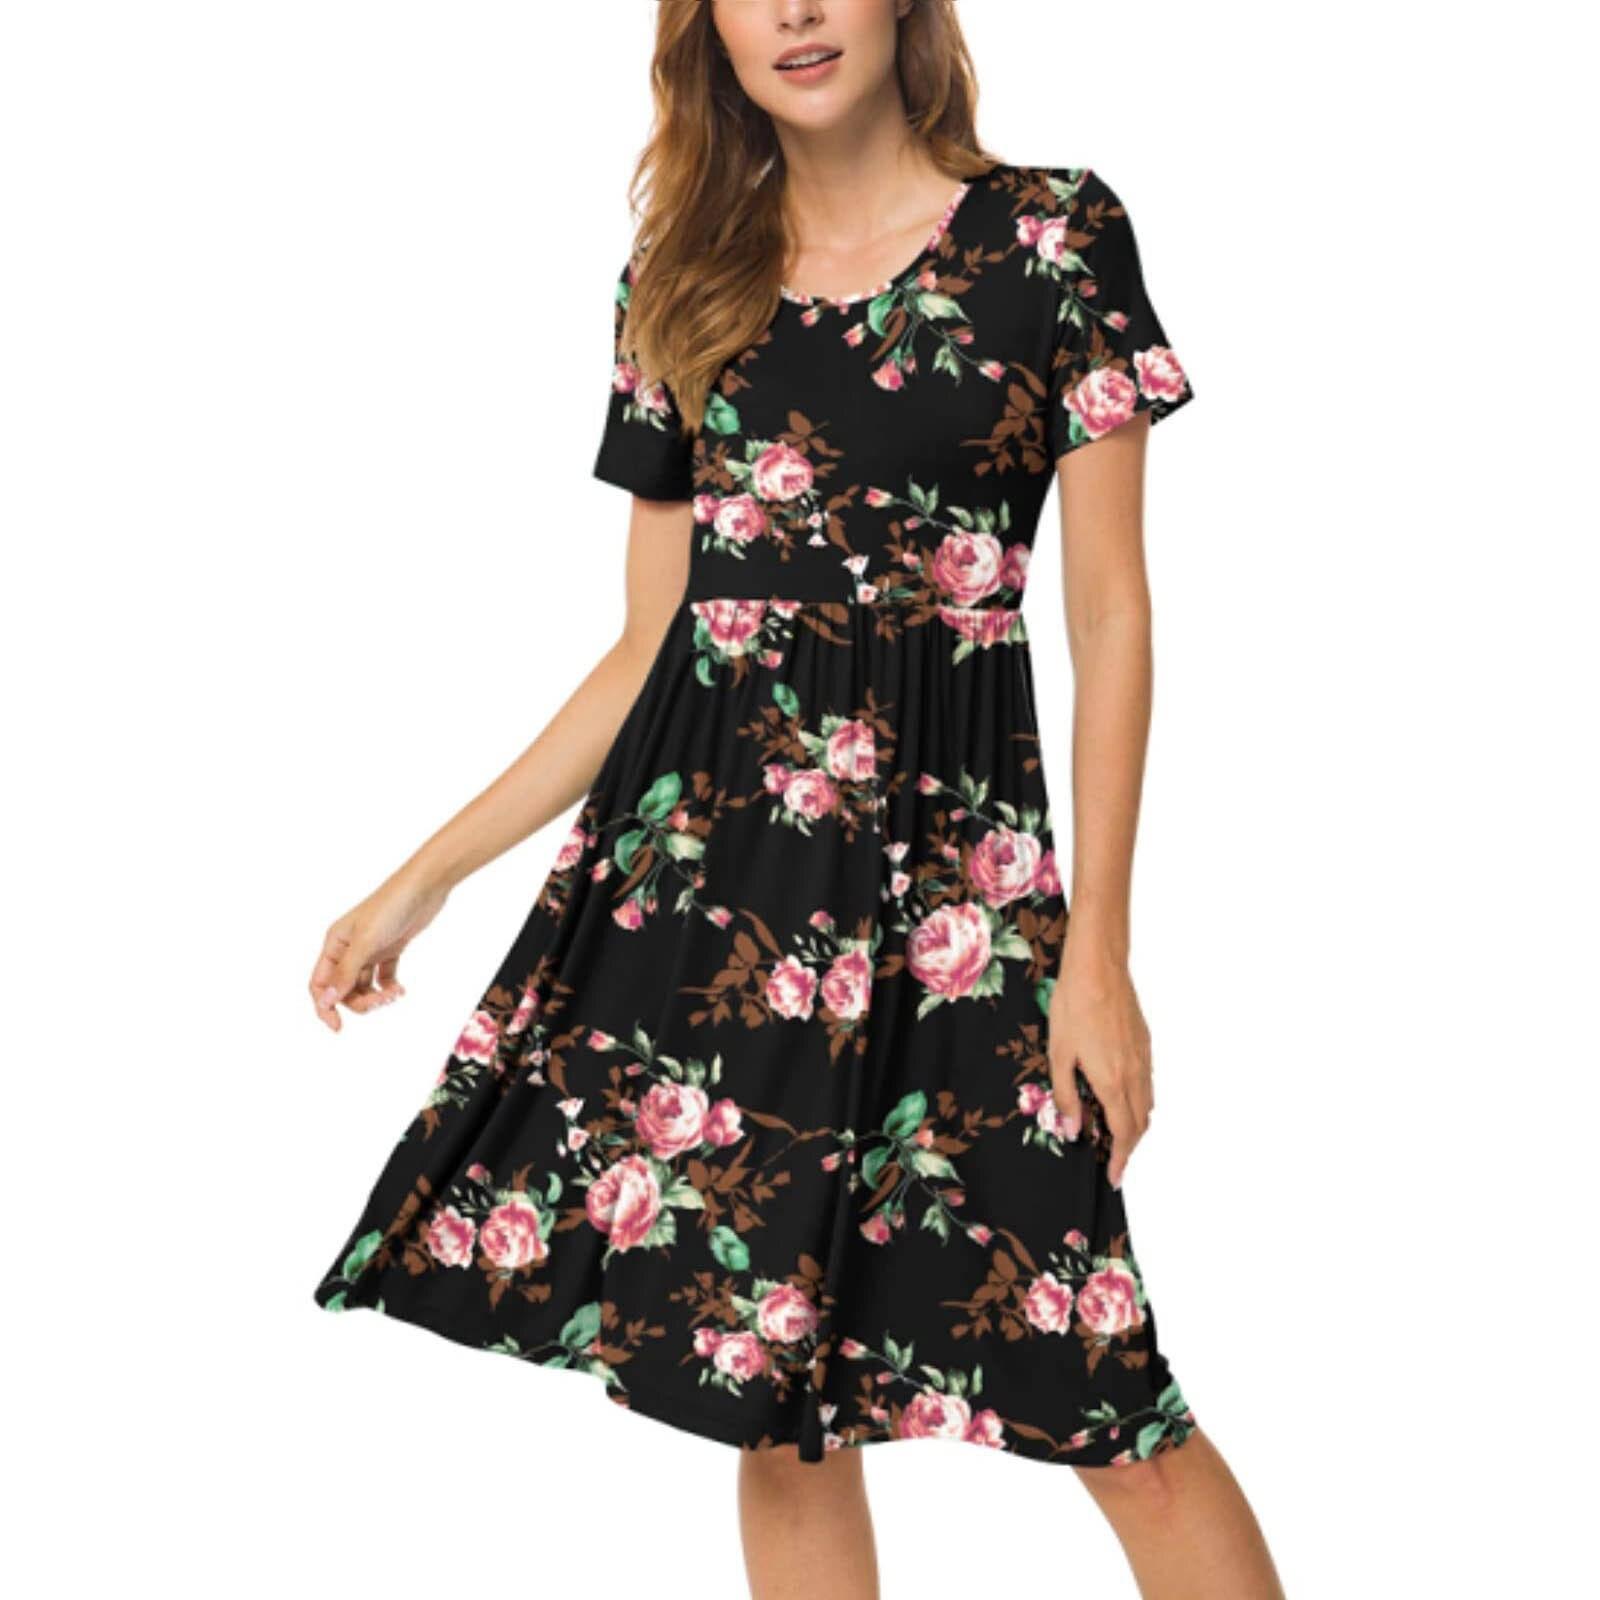 Women Summer Casual Short Sleeve Dresses Empire Waist Dress with Pockets 5